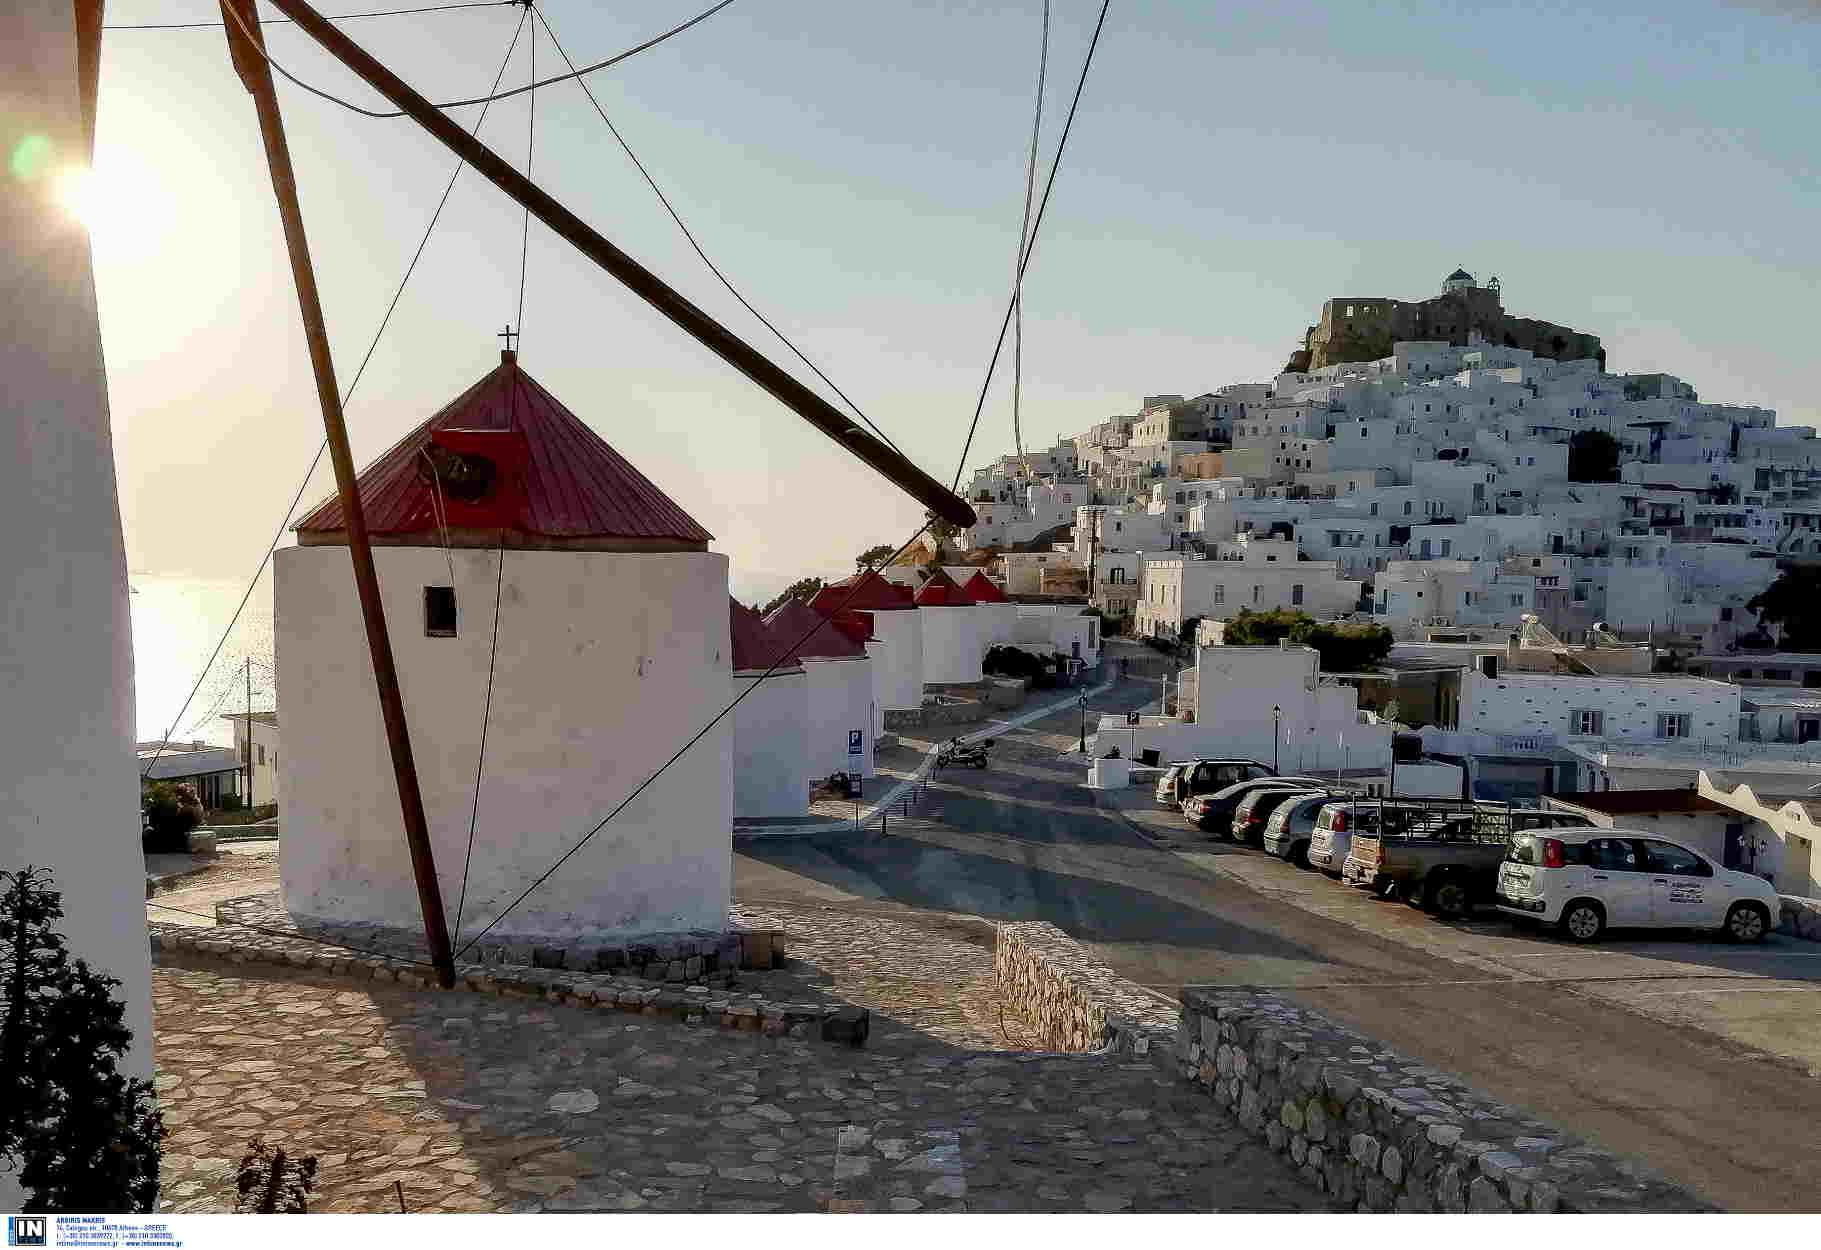 Κάστρο Querini: Η ελληνική γωνιά που έχει άρωμα ενετικό